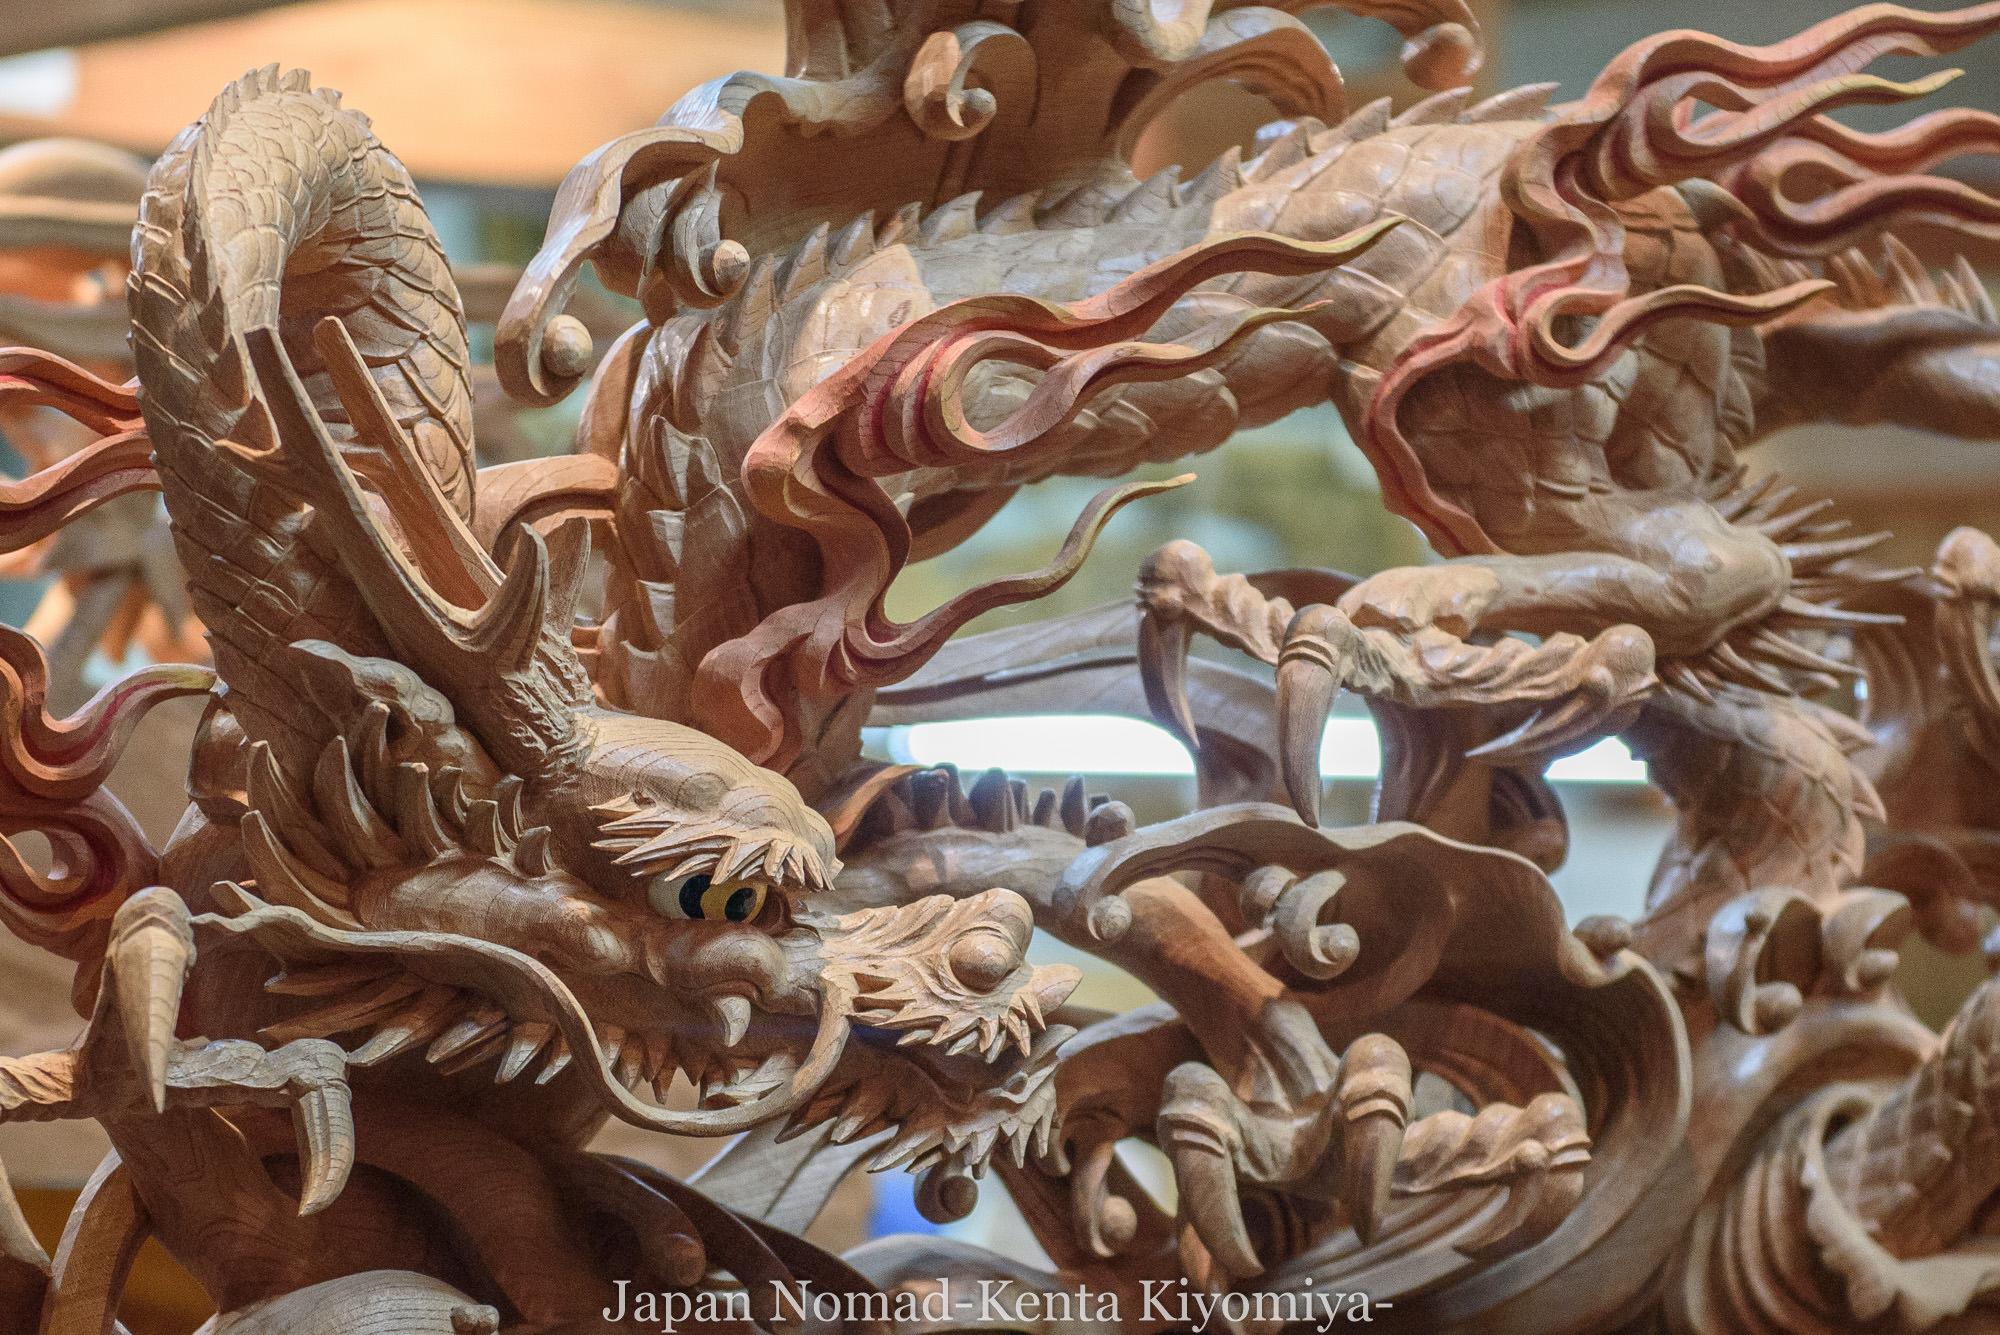 【旅146日目】日本一の木彫りの里で井波彫刻と瑞泉寺を見学してきました